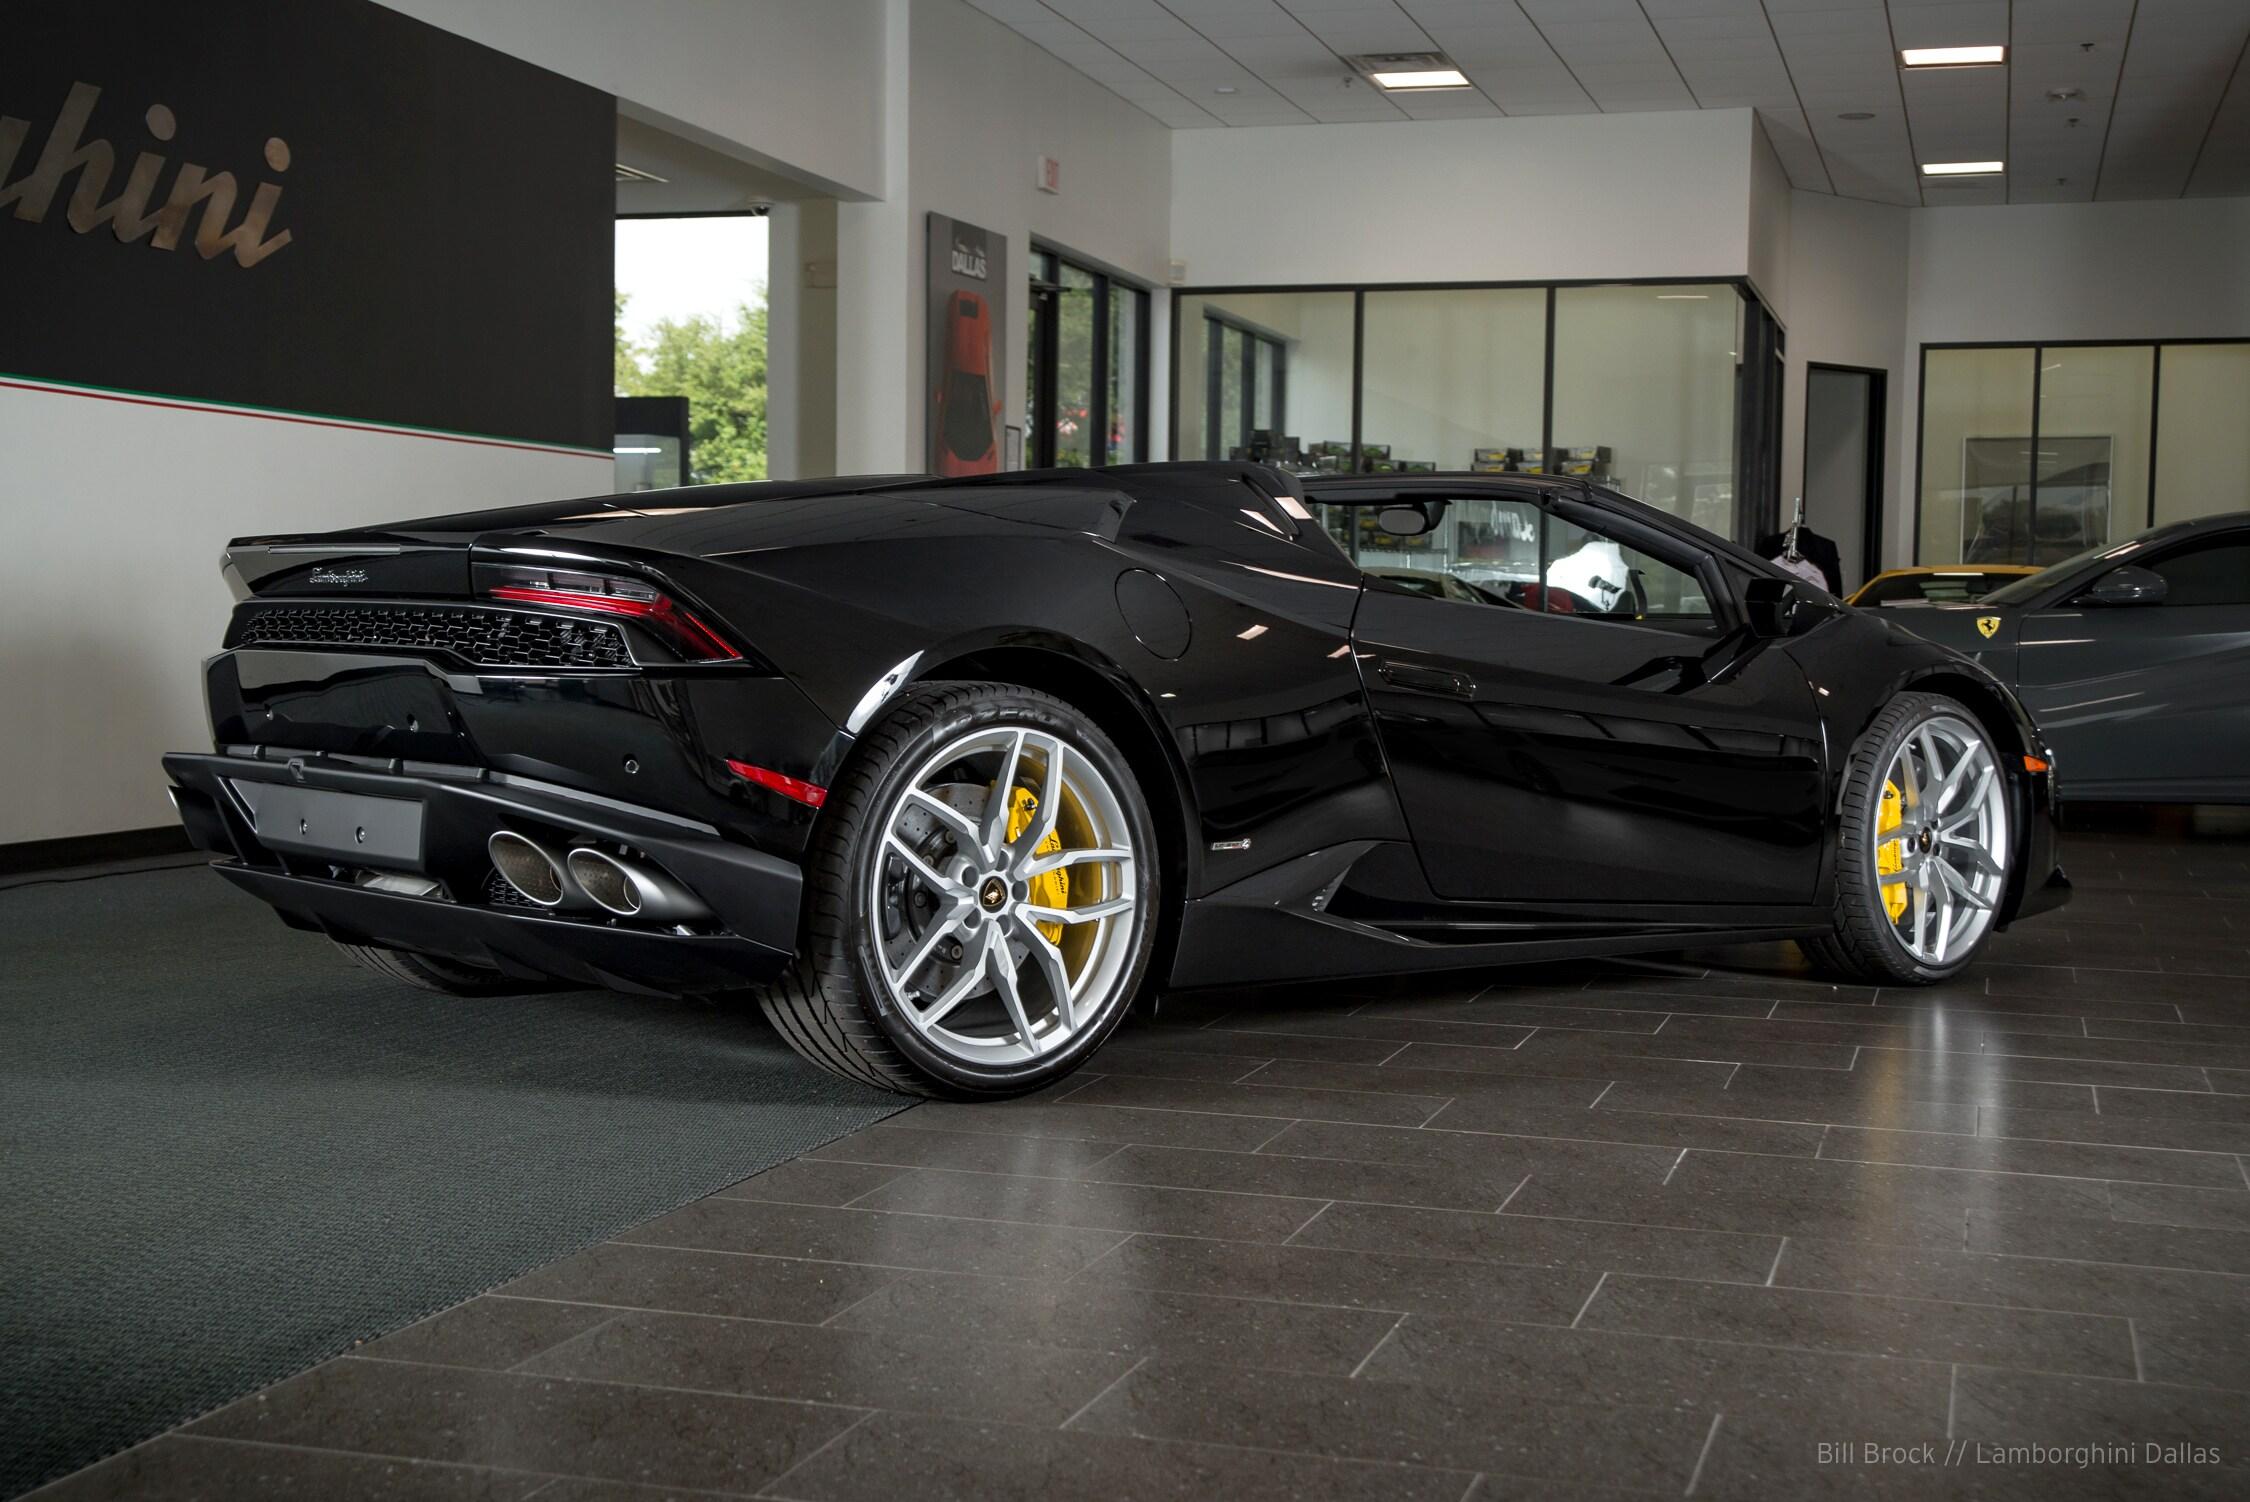 New 2017 Lamborghini Huracan For Sale Richardson, TX ...